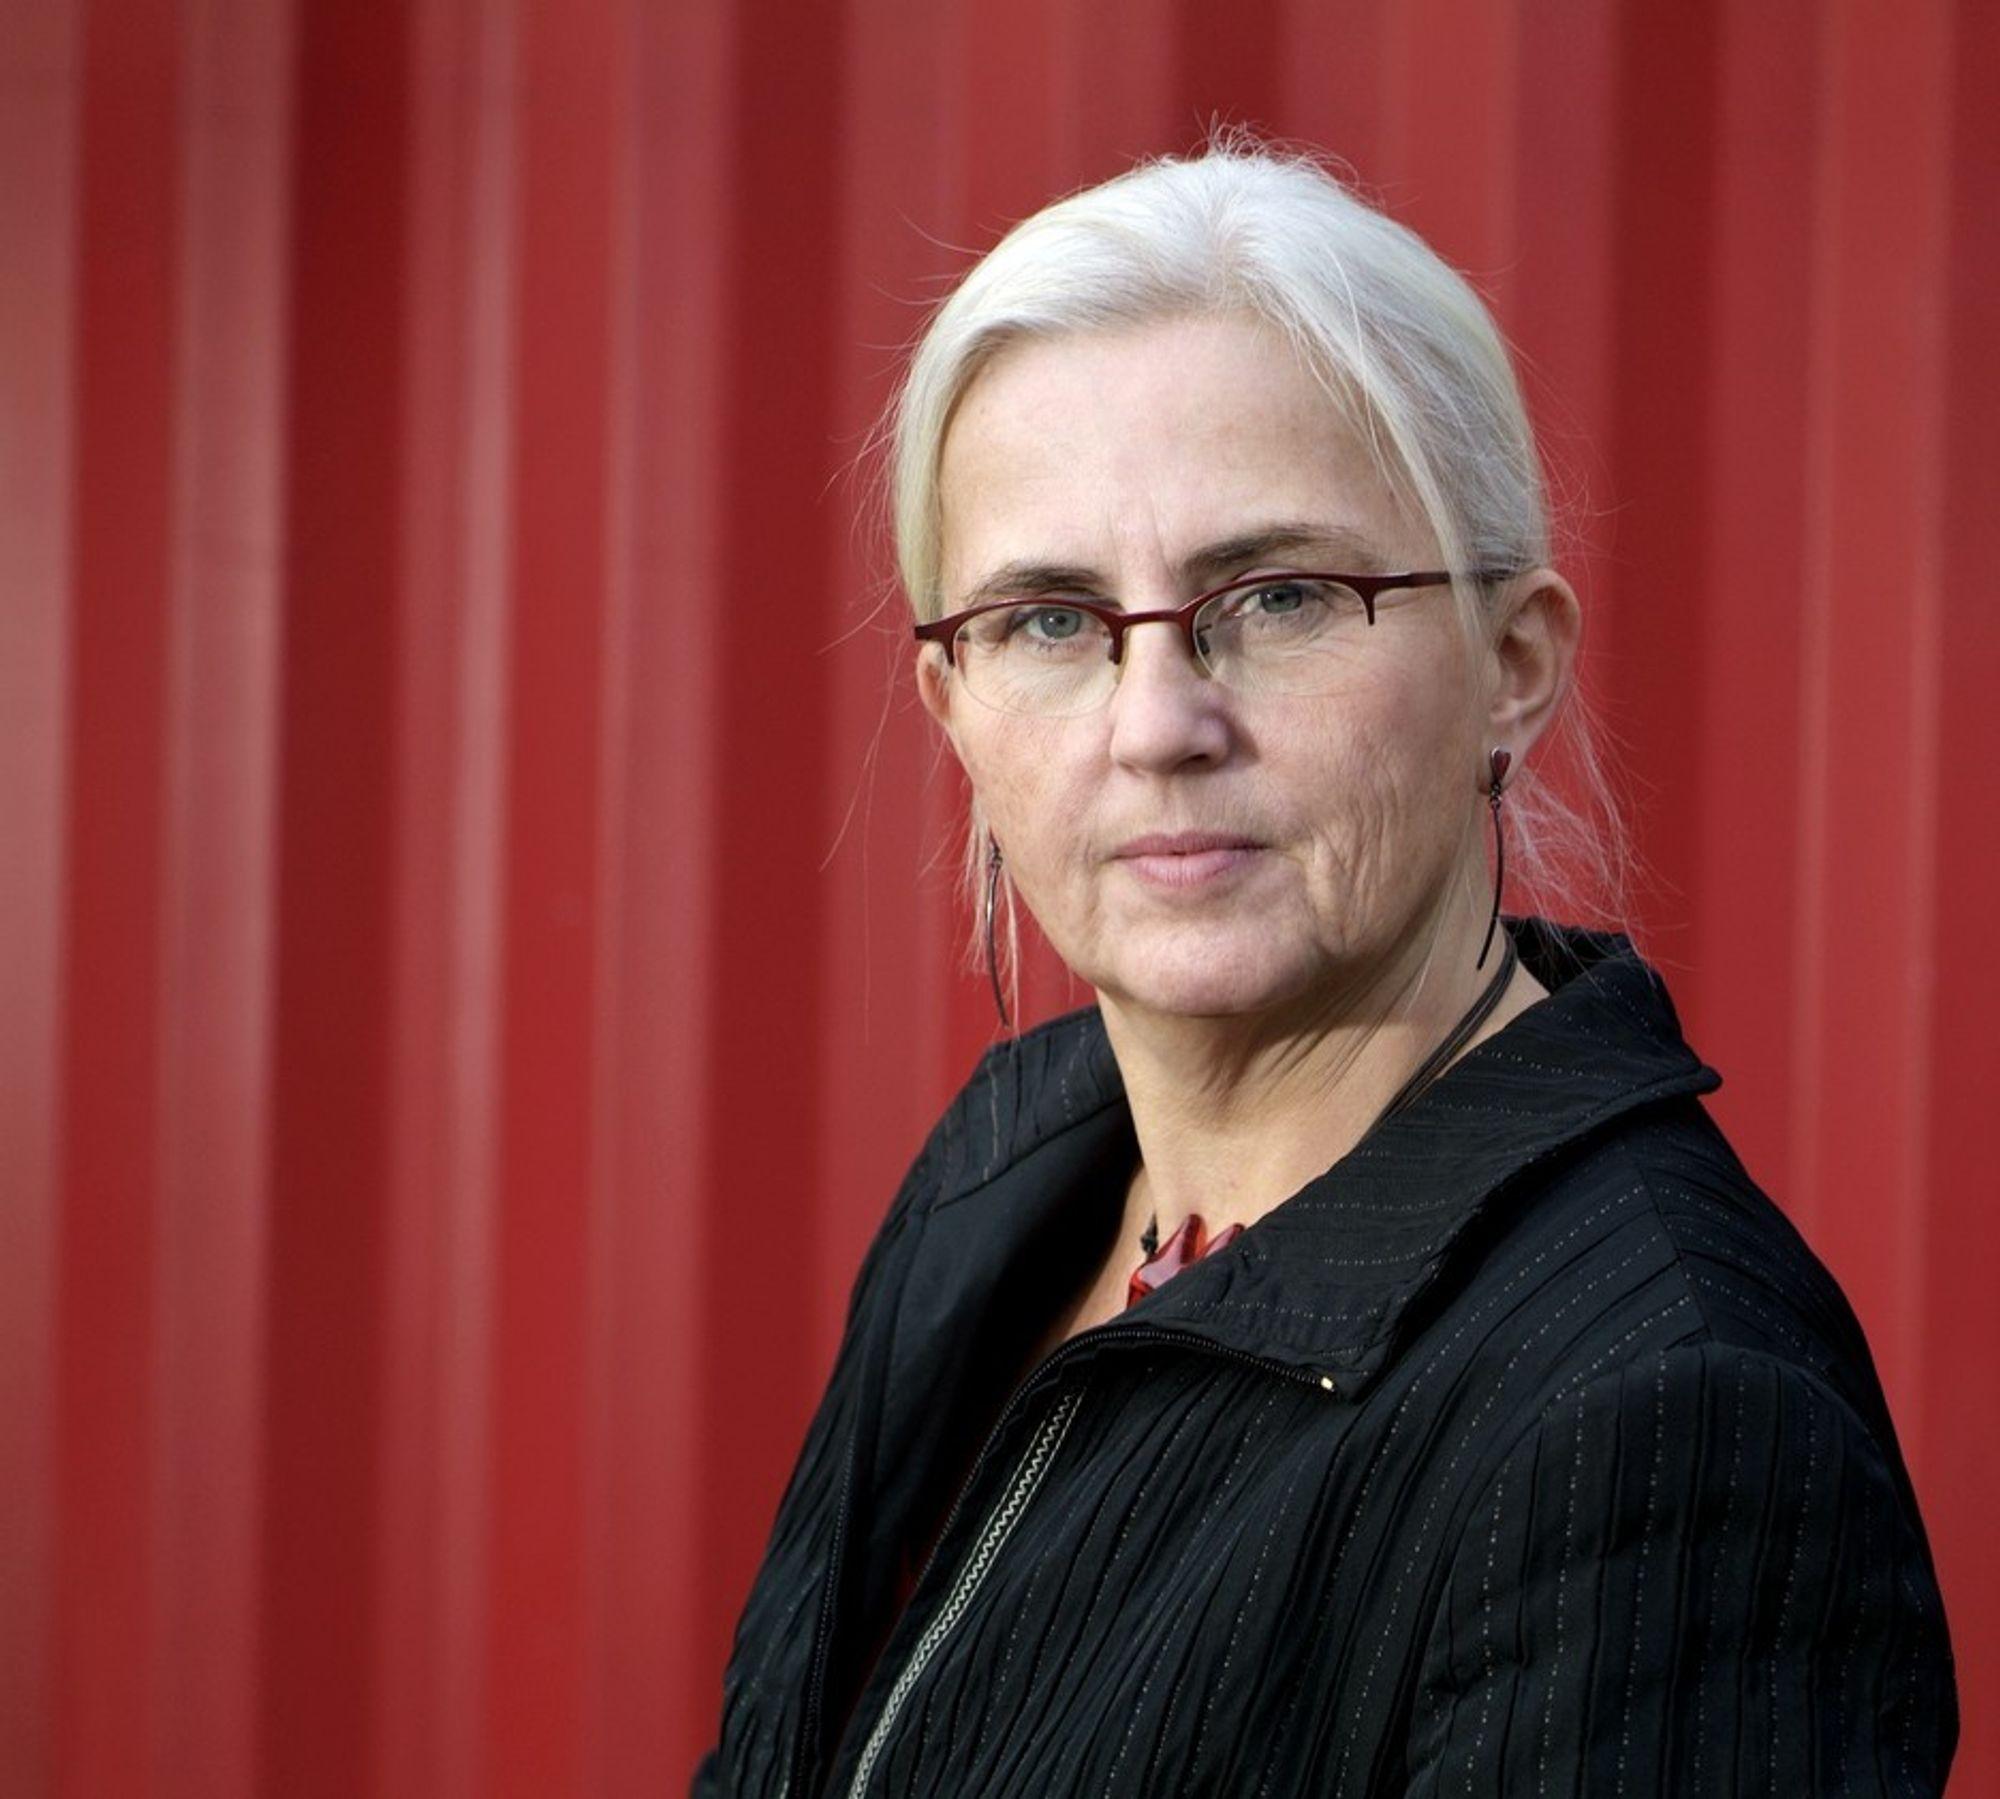 PEST ELLER KOLERA: Miljøvernminister Helen Bjørnøy (SV) vil tillate kvikksølv i sparepærer, men har ikke regnet på hvor mye kvikksølvavfall det vil generere.